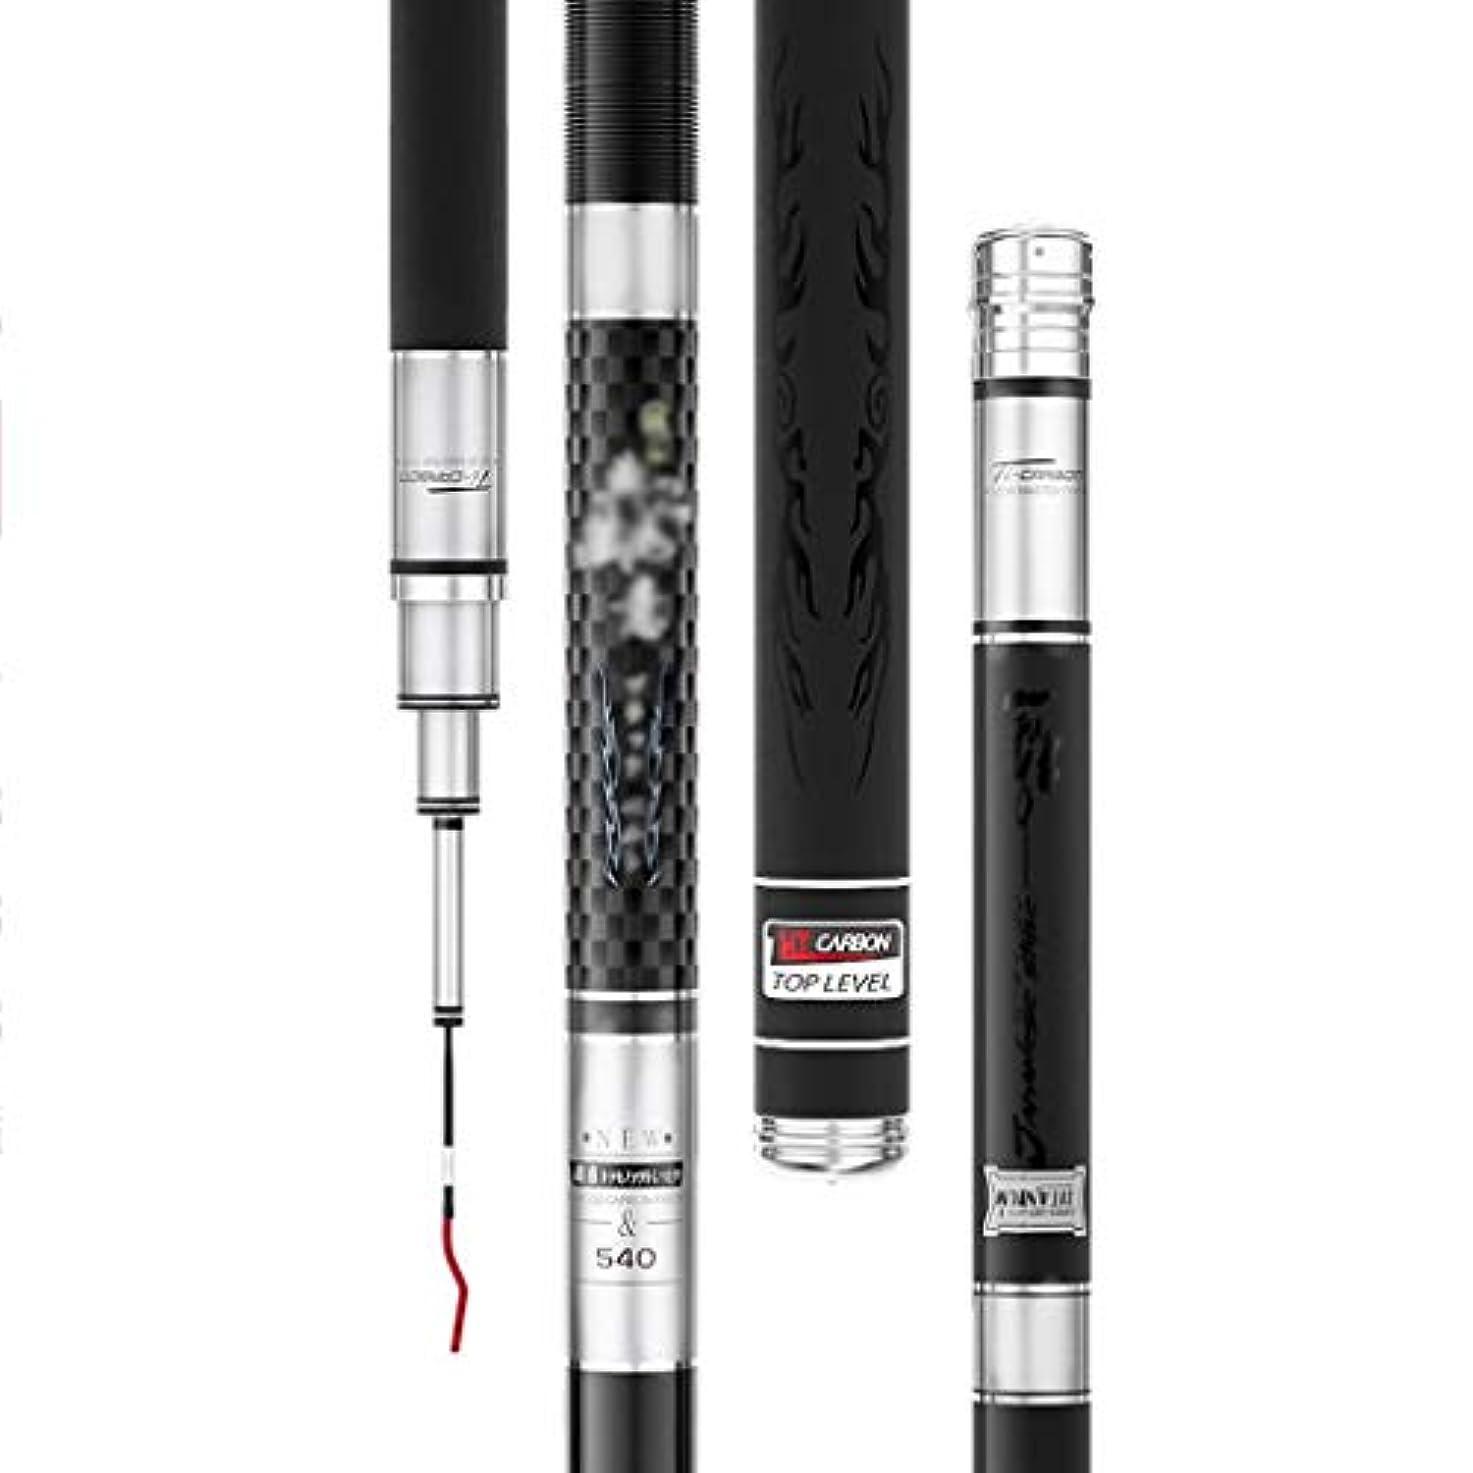 ラッドヤードキップリング避難クリスマスカーボンファイバー釣り竿 超硬 調節可能 伸縮自在 ポータブル 釣り道具 ゴールド シルバー 2色 (3.6m-7.2m) 5.4Meter シルバー juiy0424